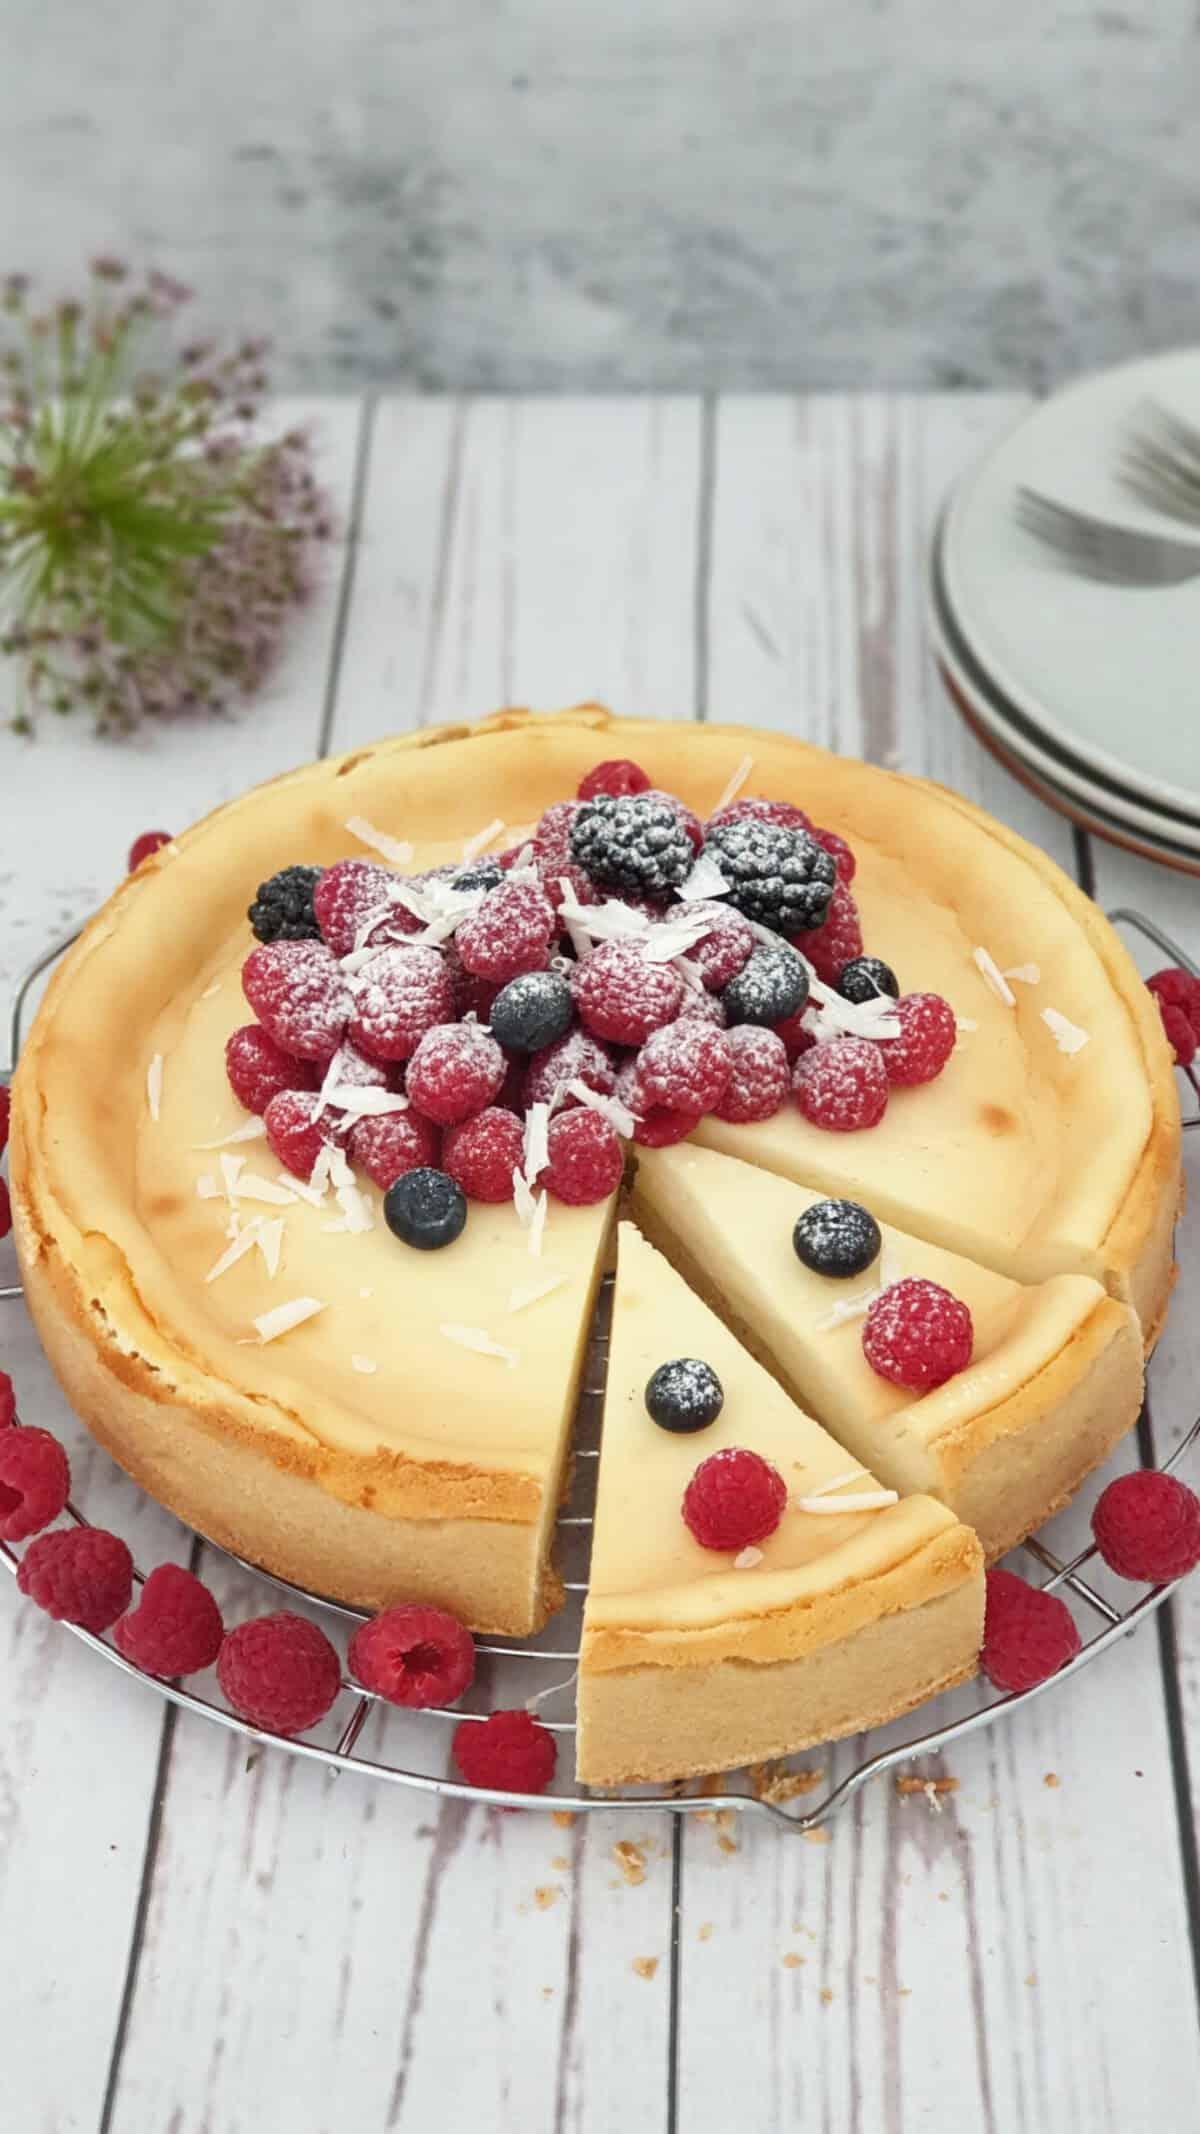 Auf einem Kuchenrost ein Cheesecake mit frischen Beeren und Früchten mit Puderzucker bestreut. Im Hintergrund Deko.